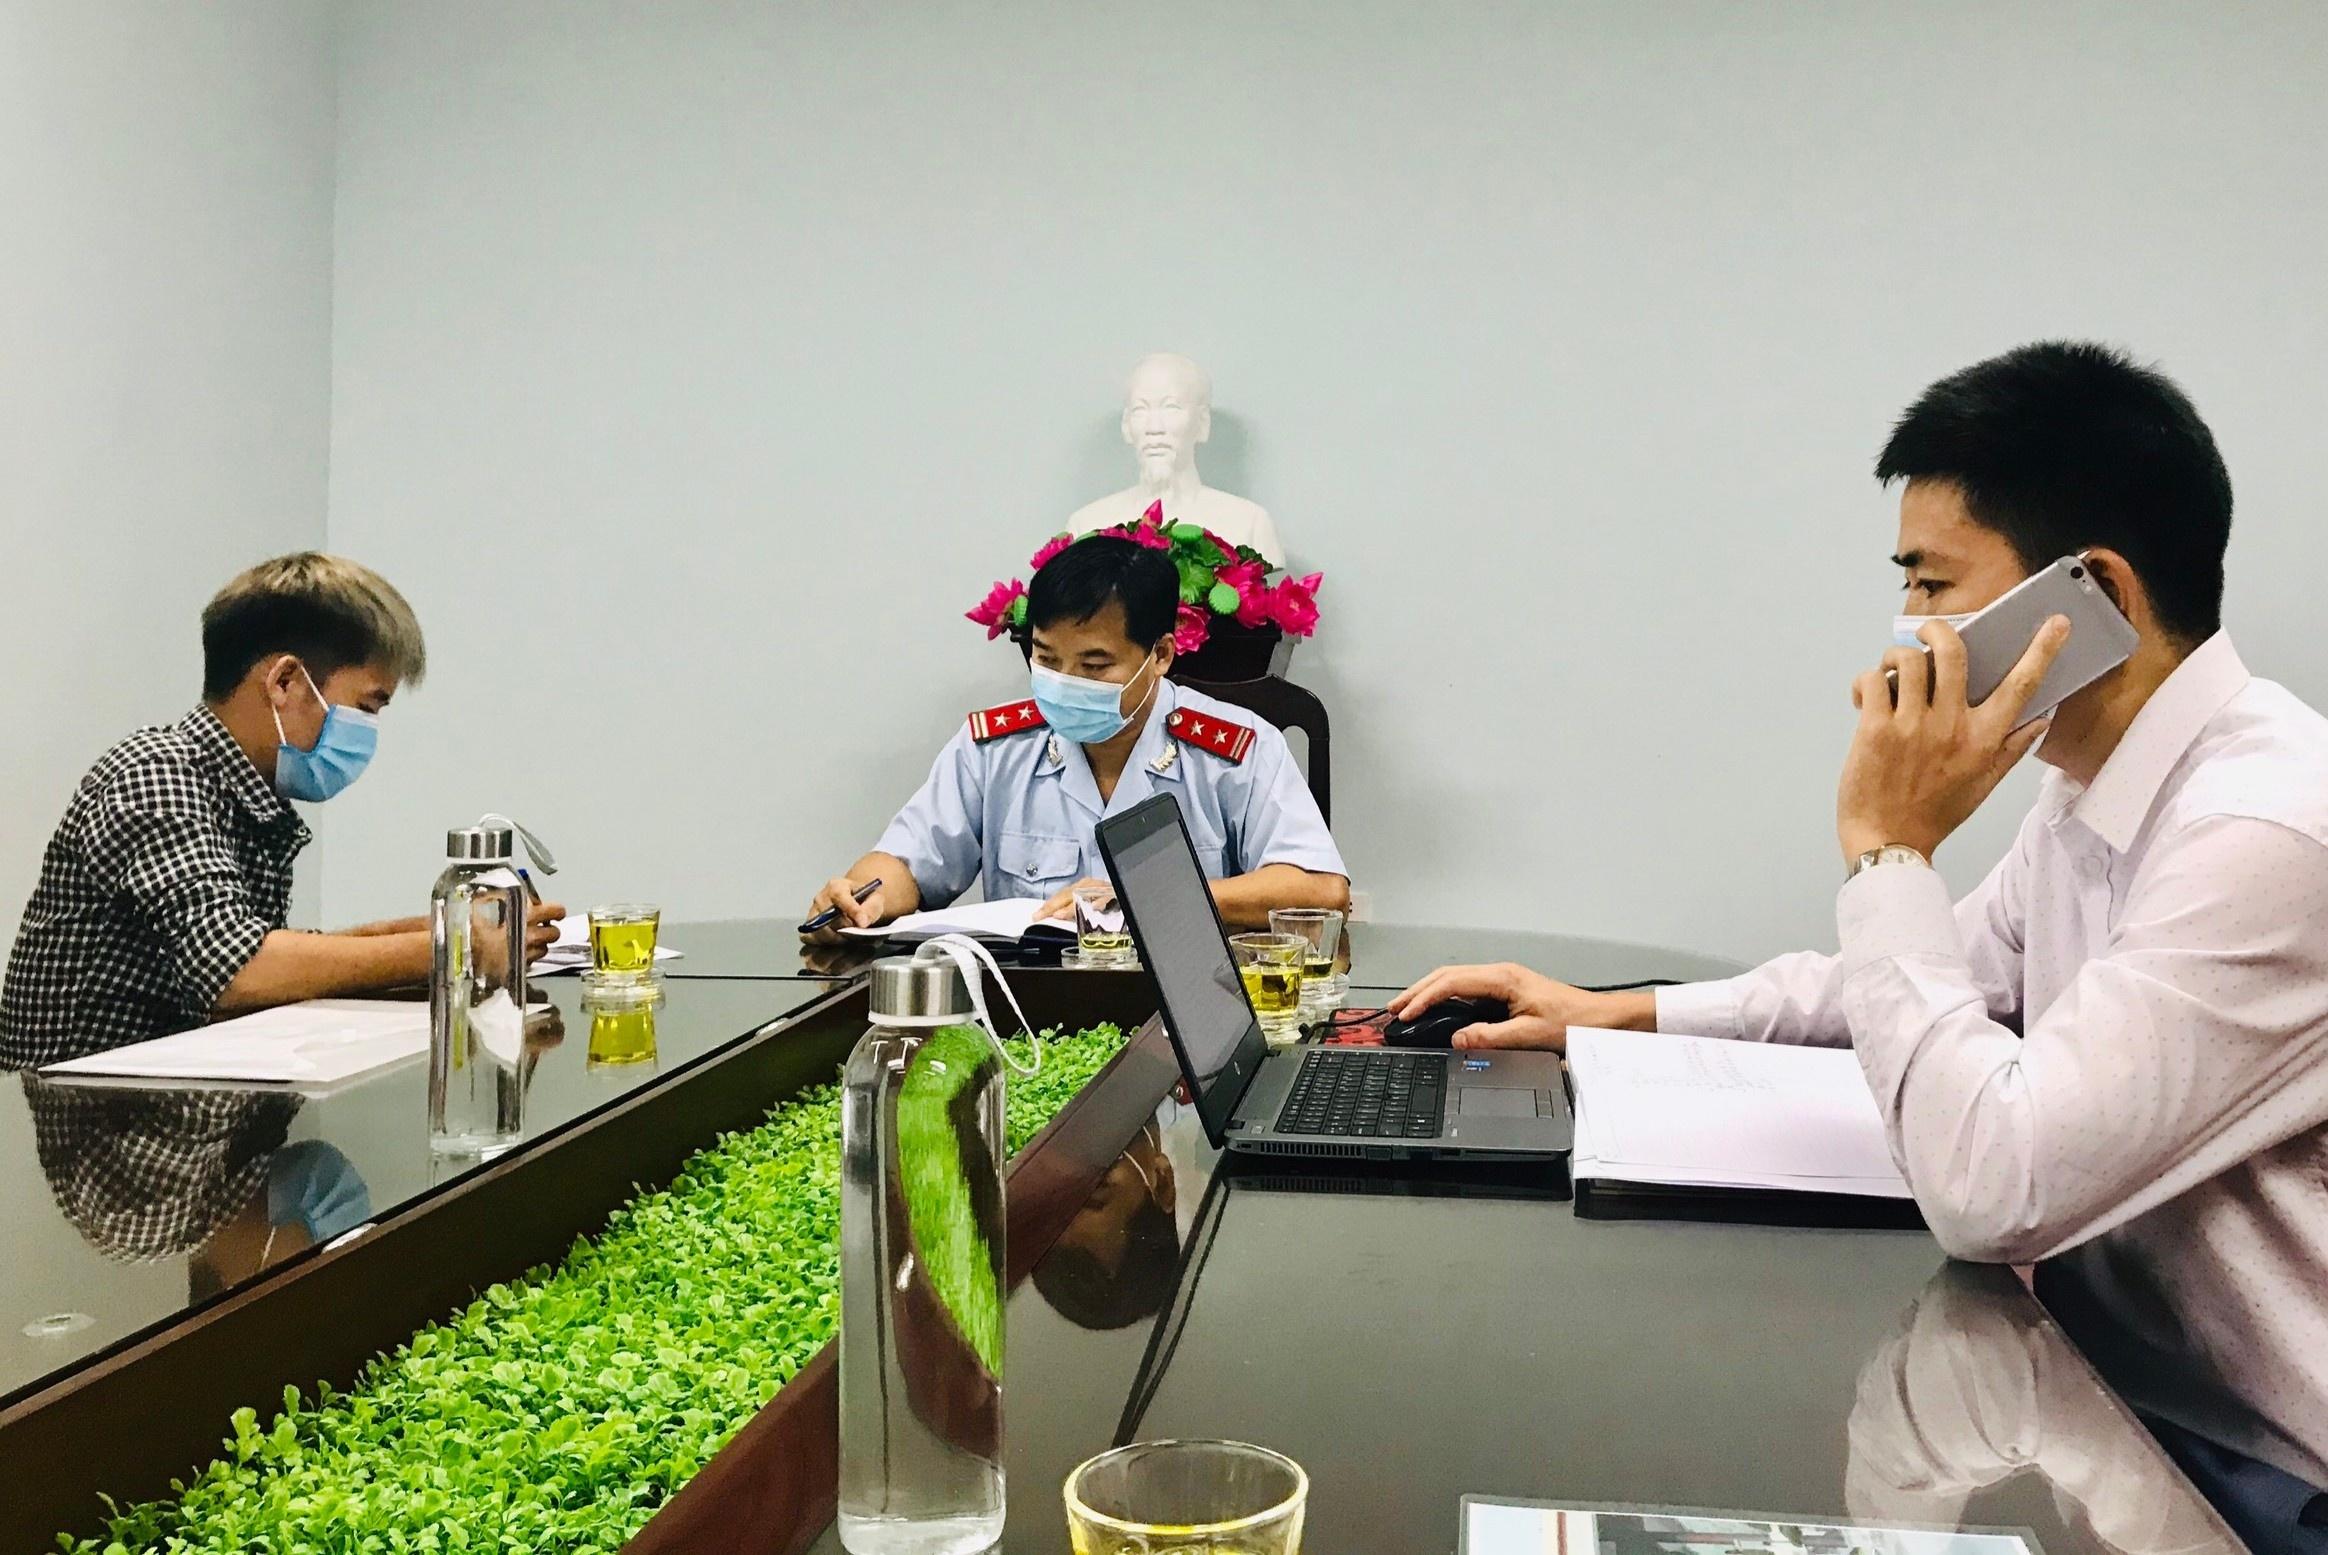 """Hưng Vlog bị xử phạt vì đăng tải video """"Troll em gái, em trai ăn nồi cháo gà nguyên lông và cái kết"""" lên kênh YouTube cá nhân. Ảnh: Sở TTTT Bắc Giang."""